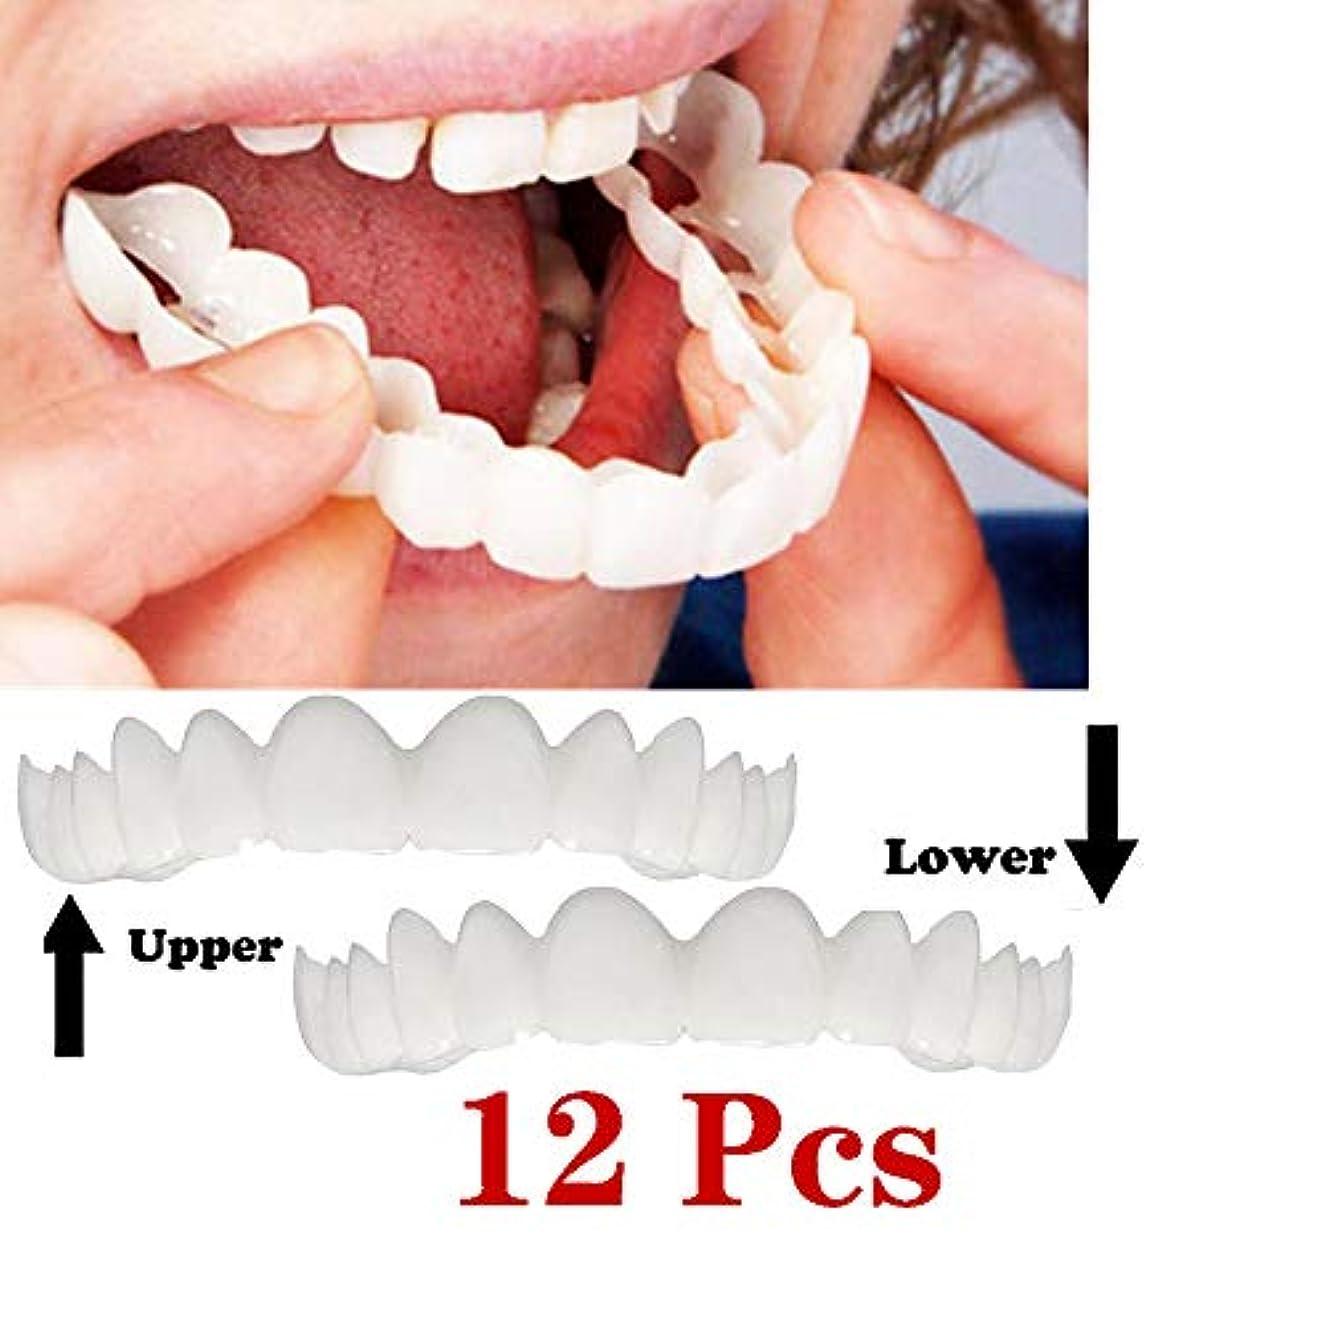 浅い落ち着かないセールスマン快適な化粧品歯柔軟な義歯一時的な笑顔悪い歯黄色い歯黒い歯ホワイトニング義歯ケアブレース - 6セット(下+上)